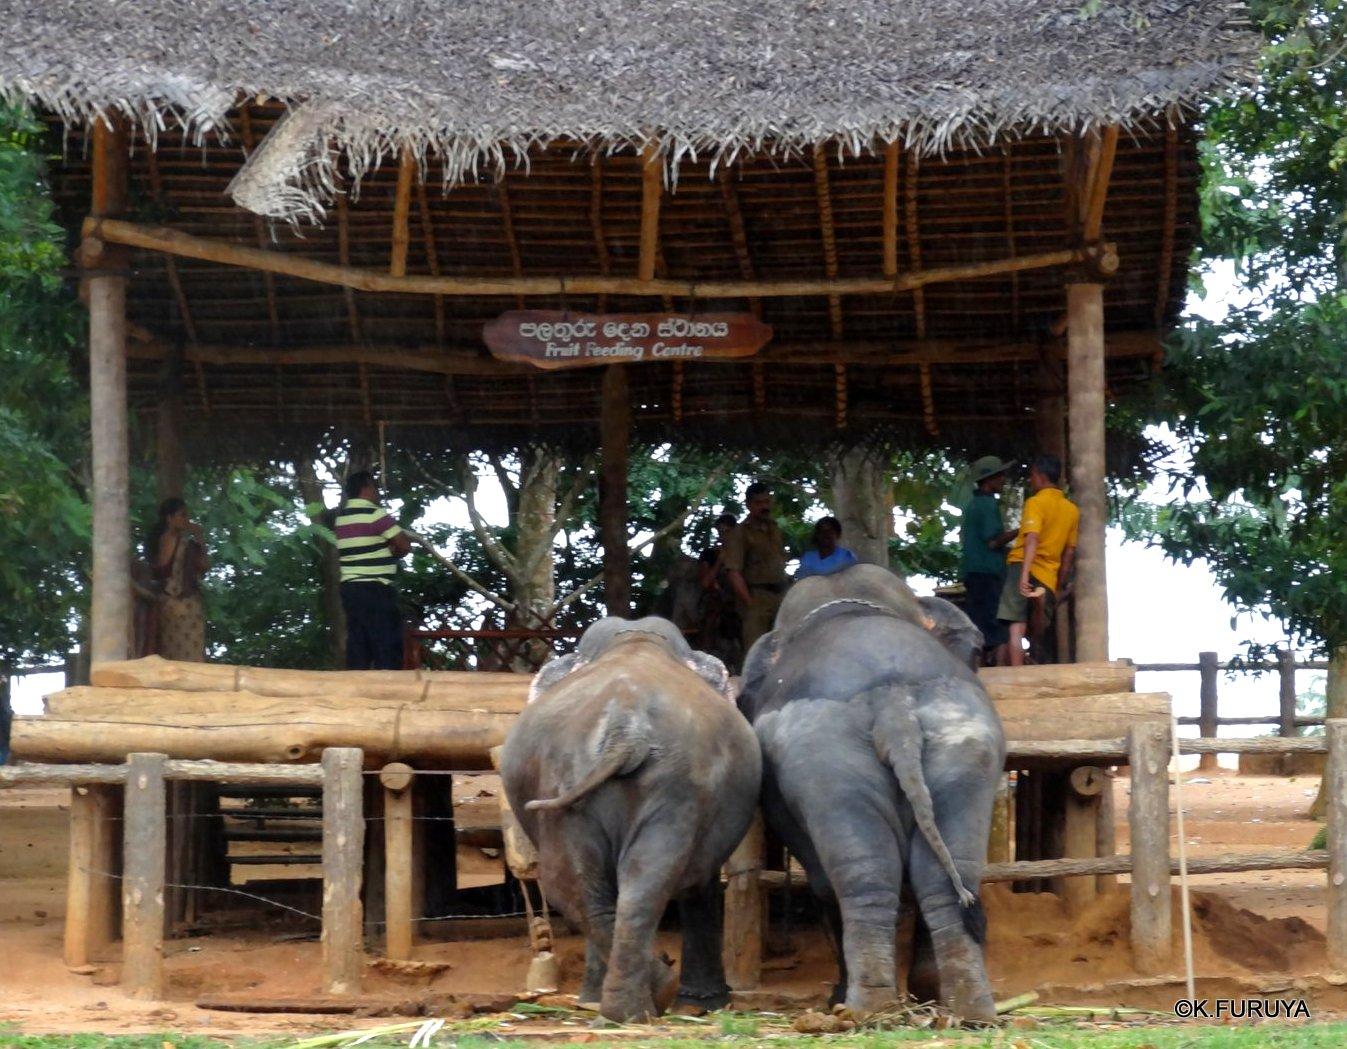 スリランカ旅行記 12 象の孤児院_a0092659_21184752.jpg